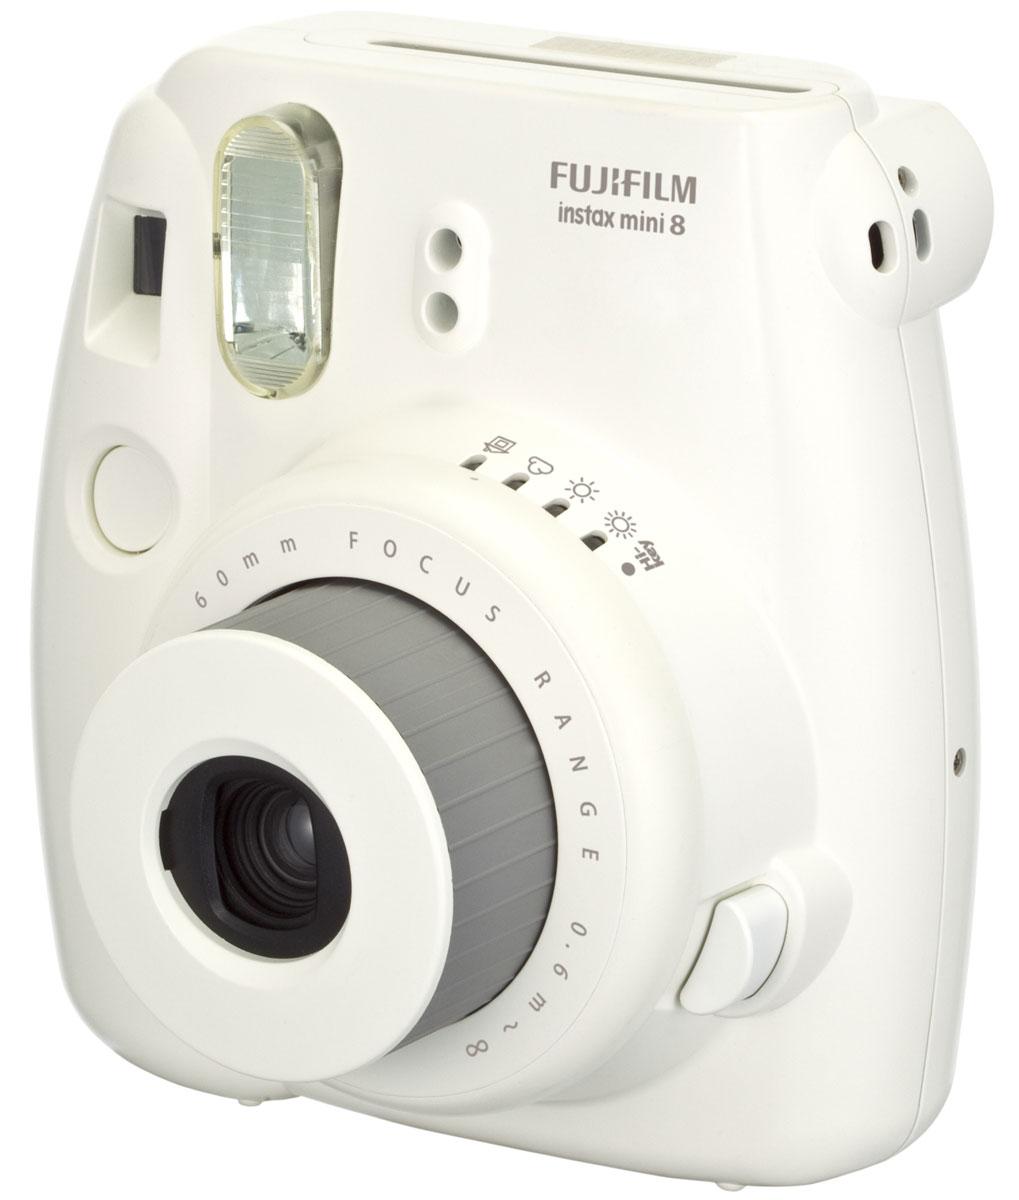 Fujifilm Instax Mini 8, White фотоаппарат16273142Камера с технологией моментальной печати Fujifilm INSTAX Mini 8 позволяет печатать фотографии размера визитной карточки сразу после съемки. Обладая теми же конструктивными и эксплуатационными характеристиками, что и INSTAX mini 7S, INSTAX mini 8 примерно на 10% меньше mini 7S по объему корпуса. Процесс кадрирования стал проще благодаря видоискателю, который передает четкую картинку в реальном времени (даже при съемке под углом) и отличается более наглядной центральной меткой. К функциям съемки добавлен режим High-key - повышение диафрагмы на 2/3 ступени. Чтобы сделать фотографию с яркими и мягкими цветами, которые так полюбились девушкам, достаточно прокрутить диск в режим High-key. С момента своего выхода в свет в 1998 году камера INSTAX mini стала очень популярной благодаря простому управлению, остроумному дизайну и удивительному качеству снимков. Судя по тому, насколько распространен в наше время обмен цифровыми фотографиями, способов...